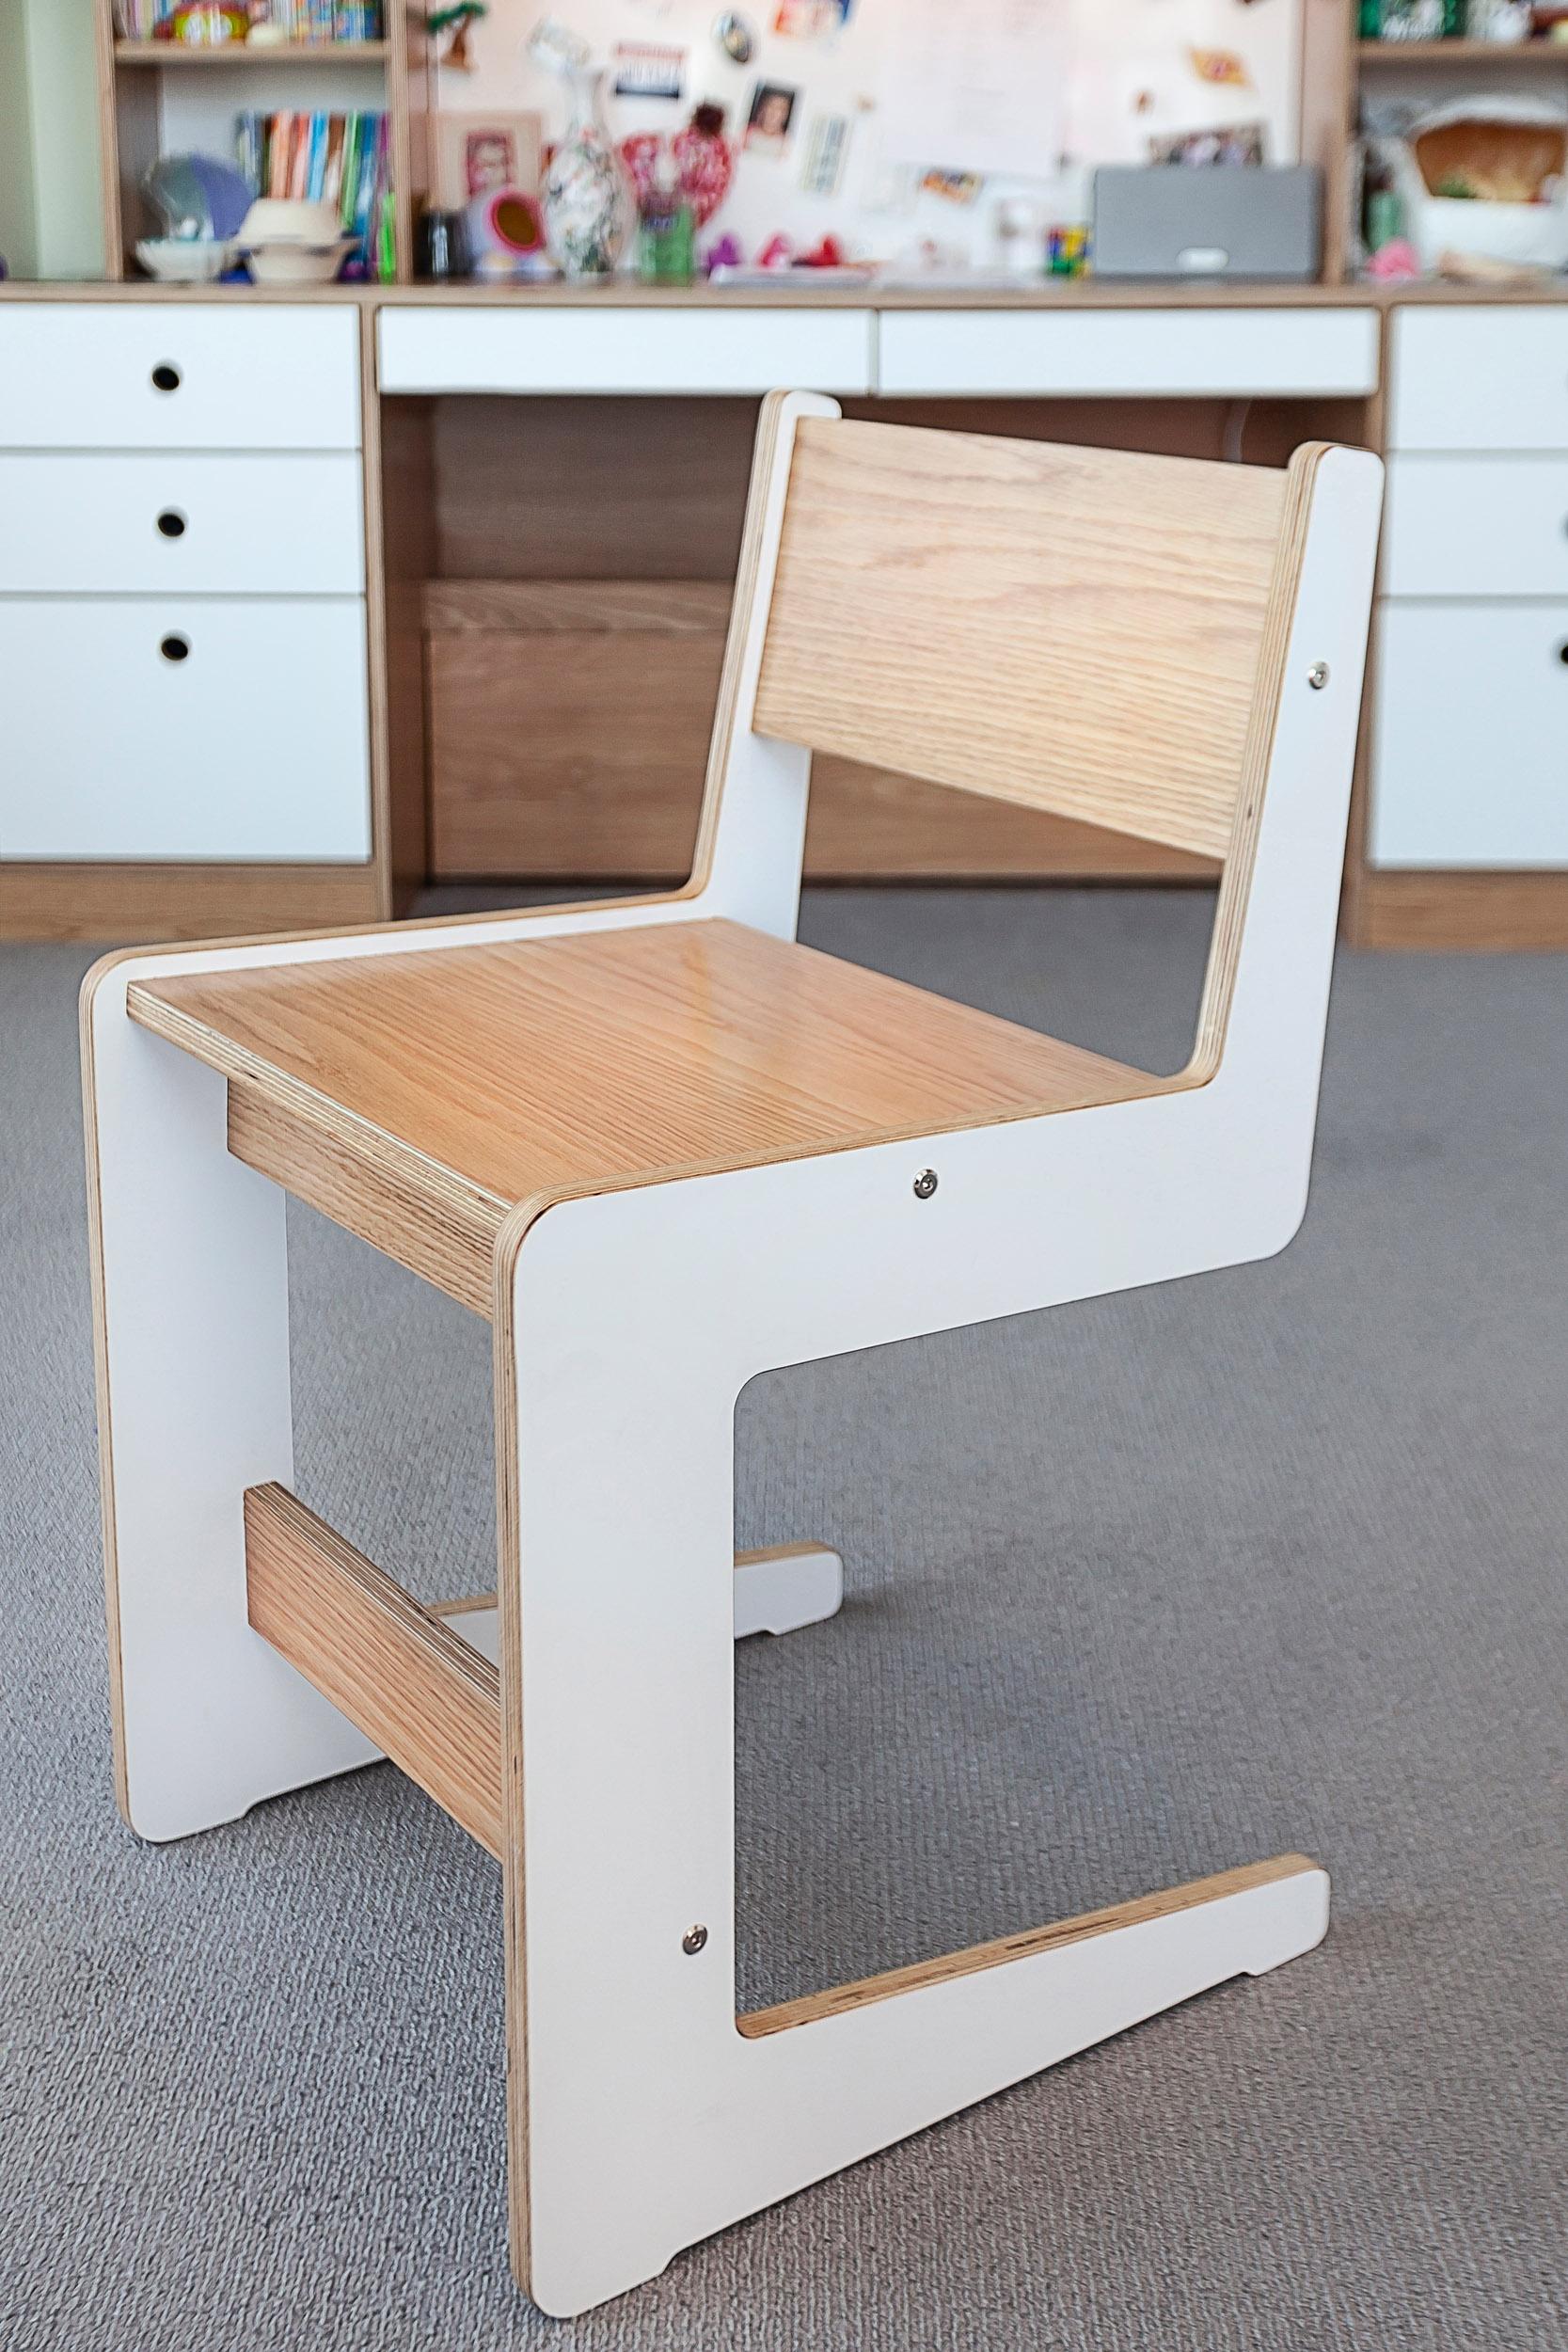 Custom Oak and White Chair